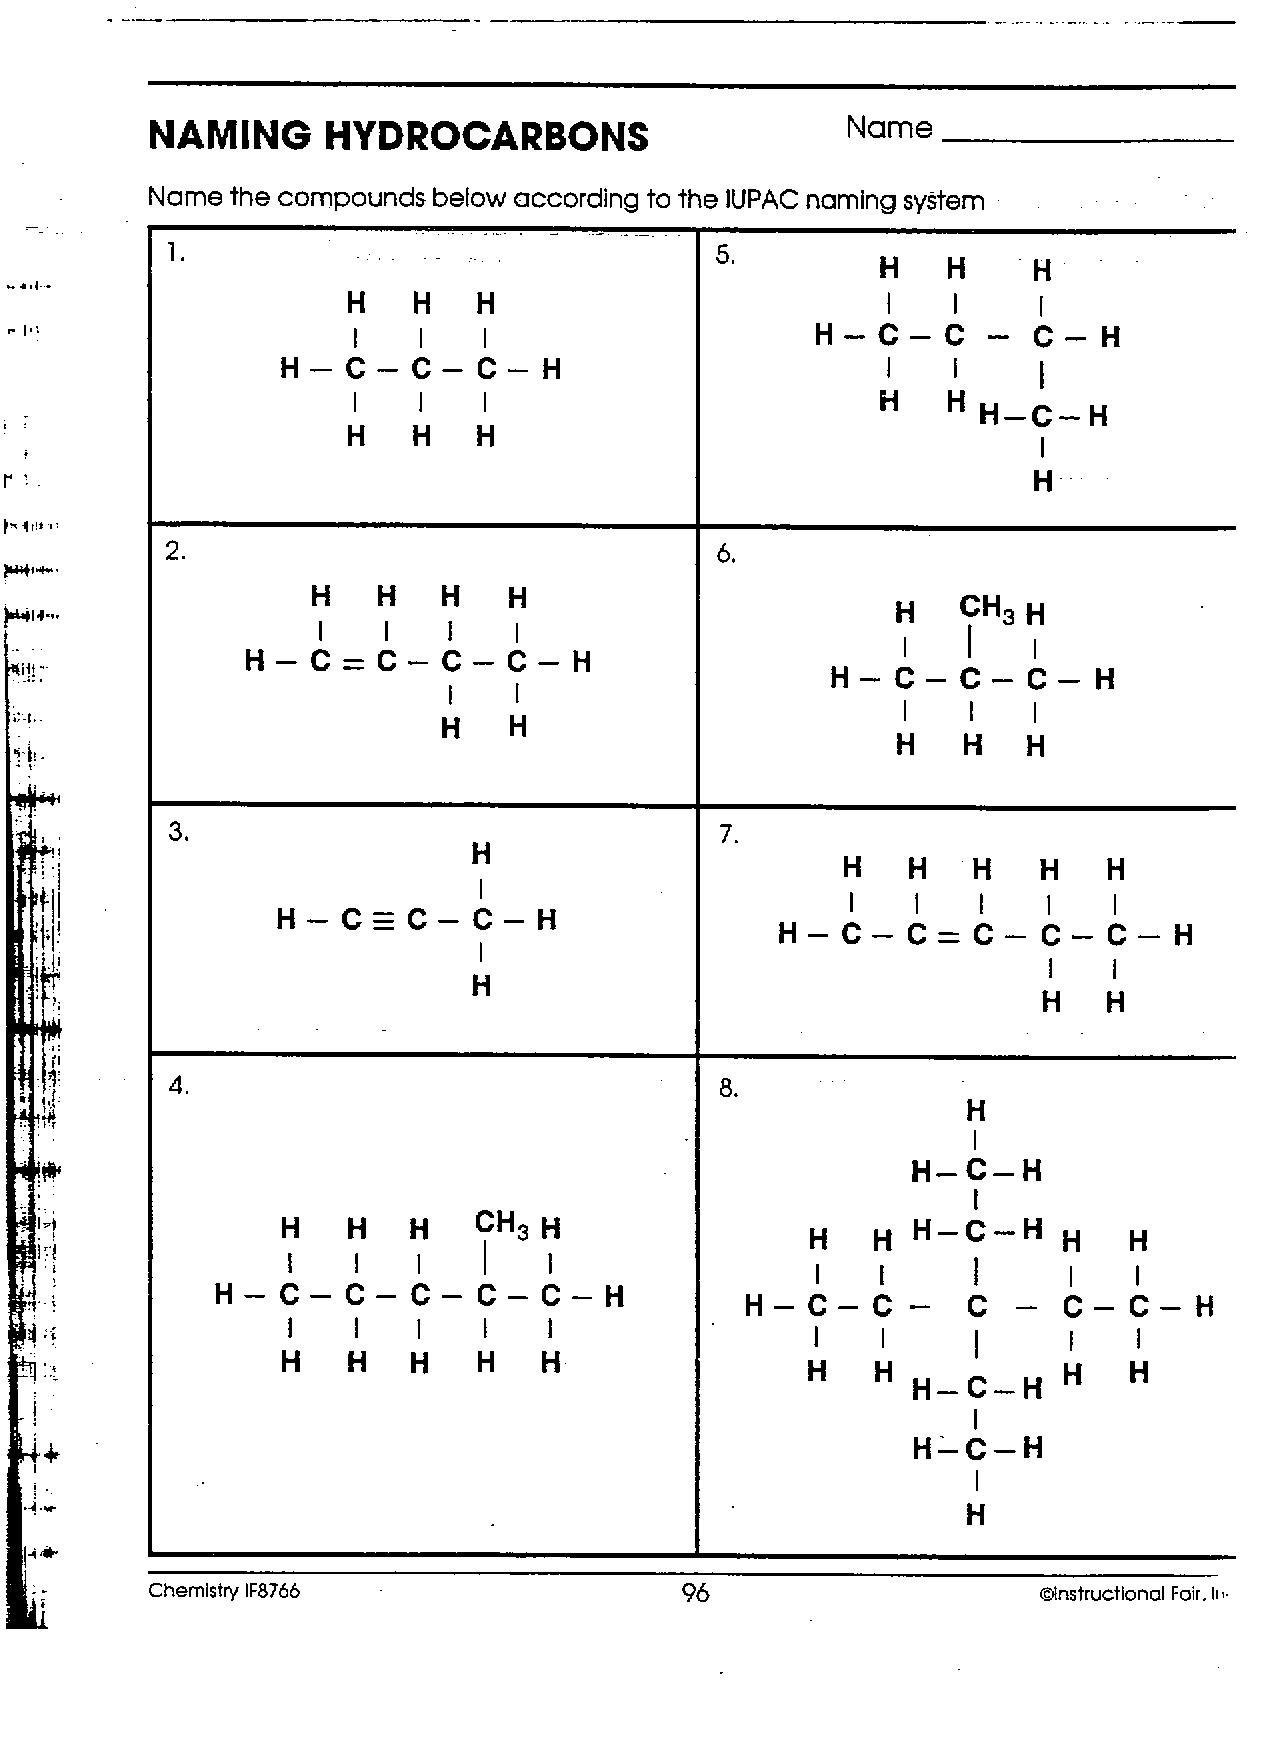 Naming Hydrocarbons Worksheet The Best Worksheets Image